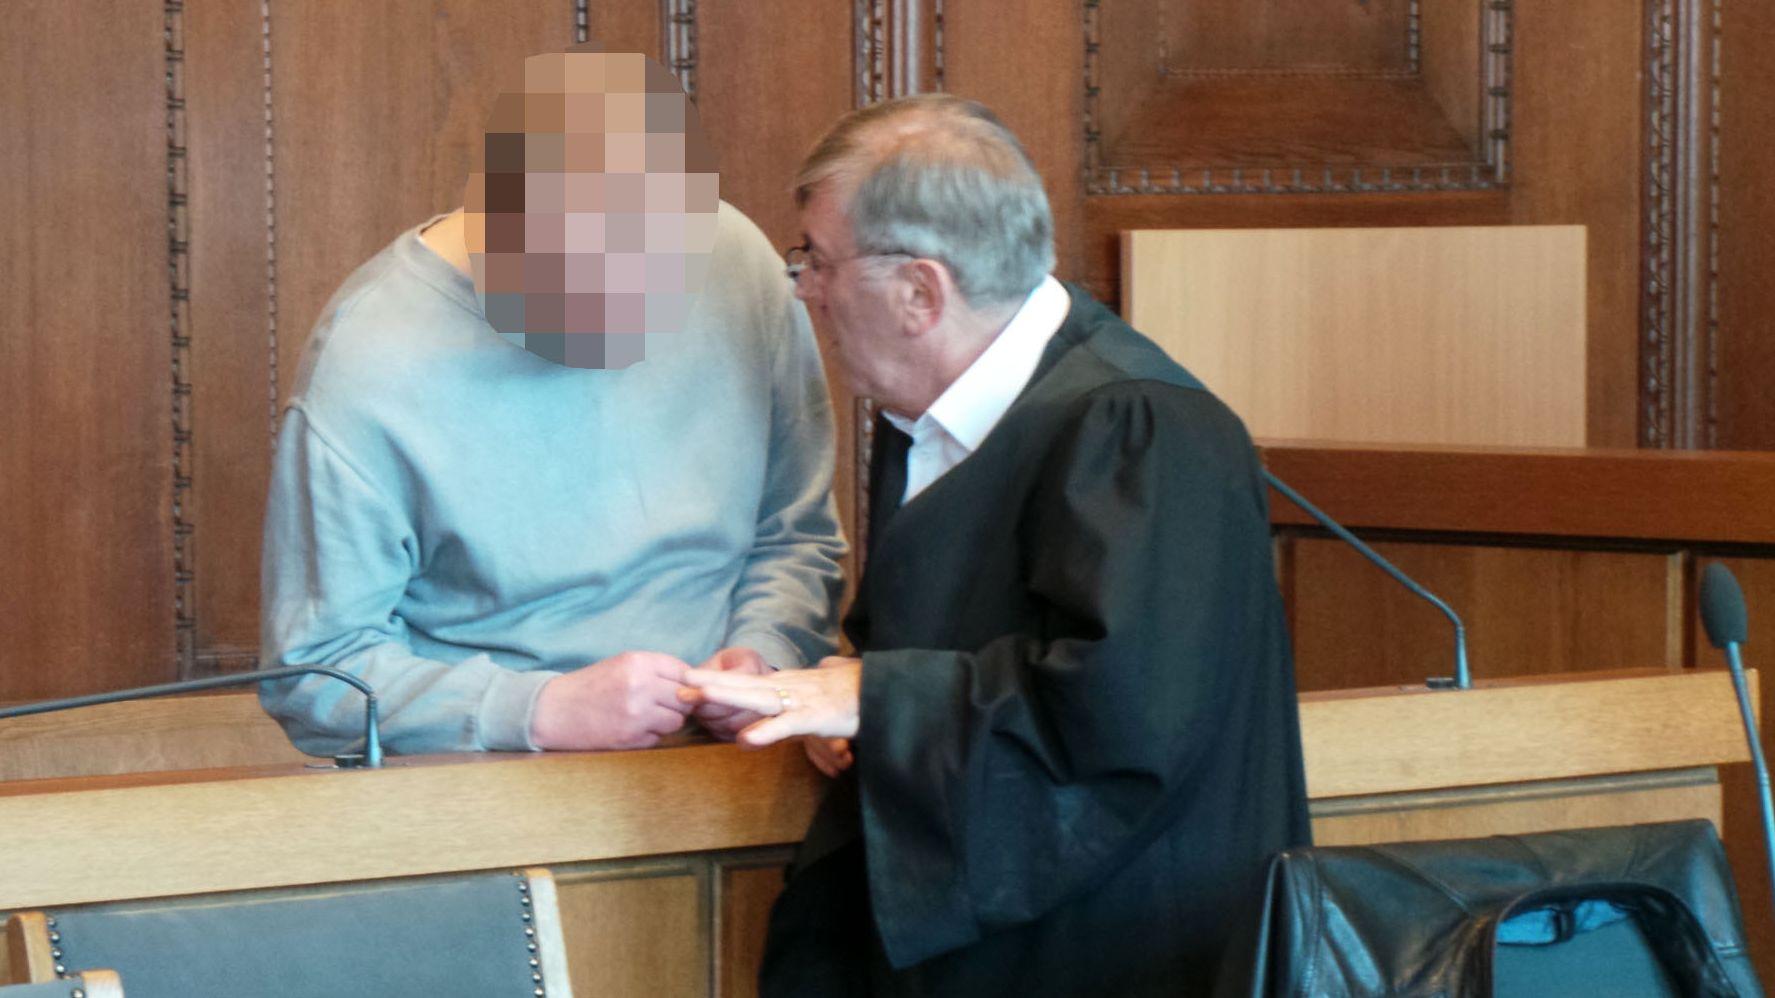 Der Angeklagte im Messerstecher-Prozess und sein Verteidiger vor der Vekündung der Plädoyers.